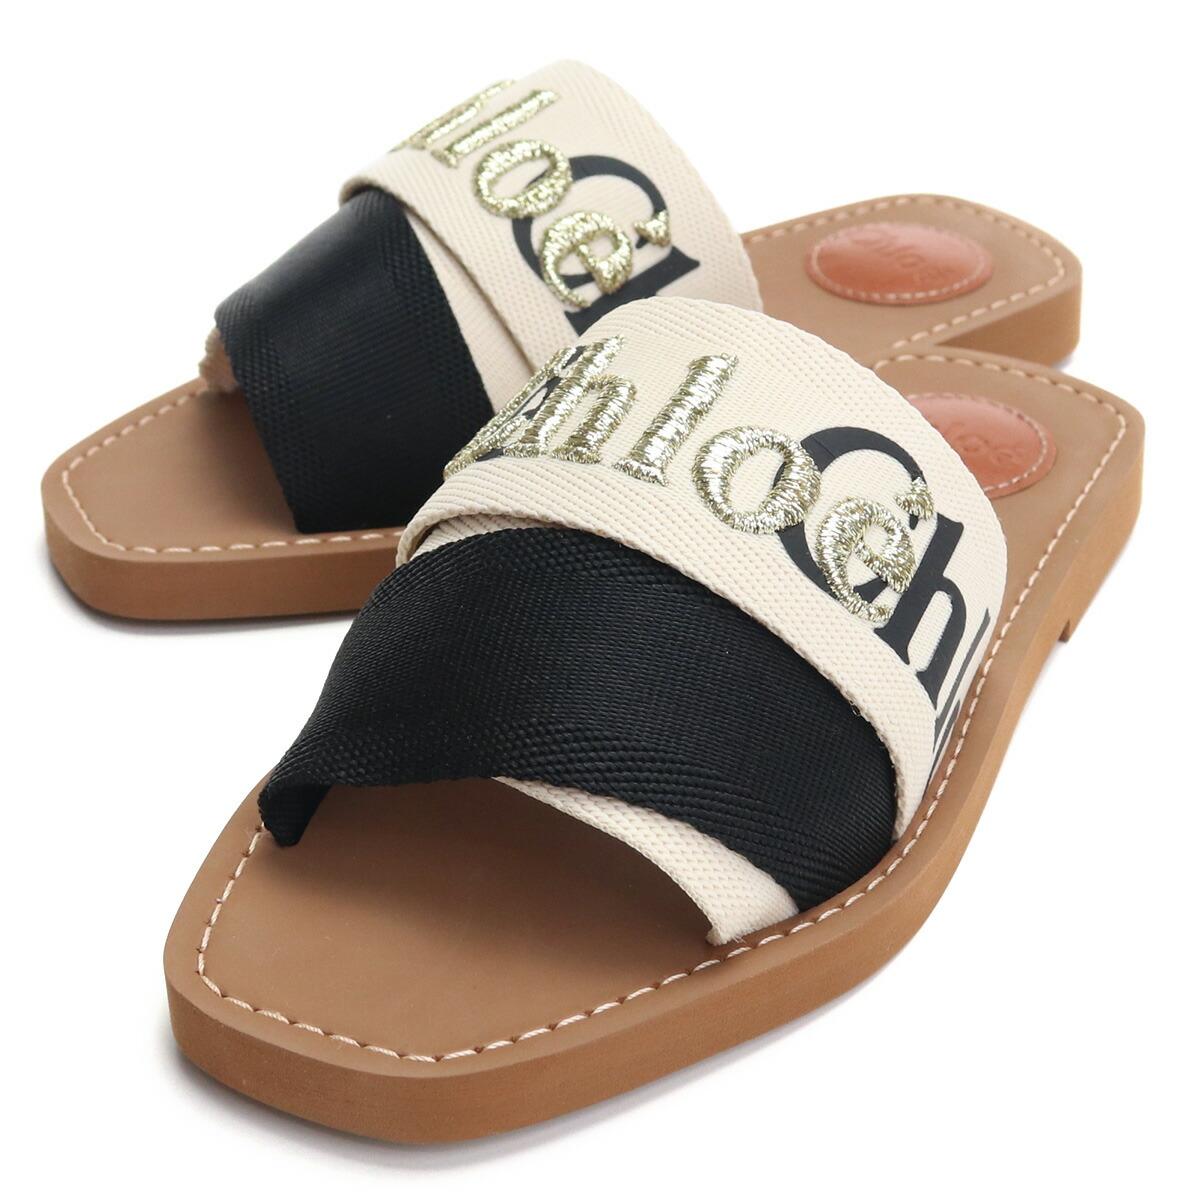 クロエ CHLOE サンダル CHC21S188Q7 905 ブラック ベージュ系 shoes-01 レディース